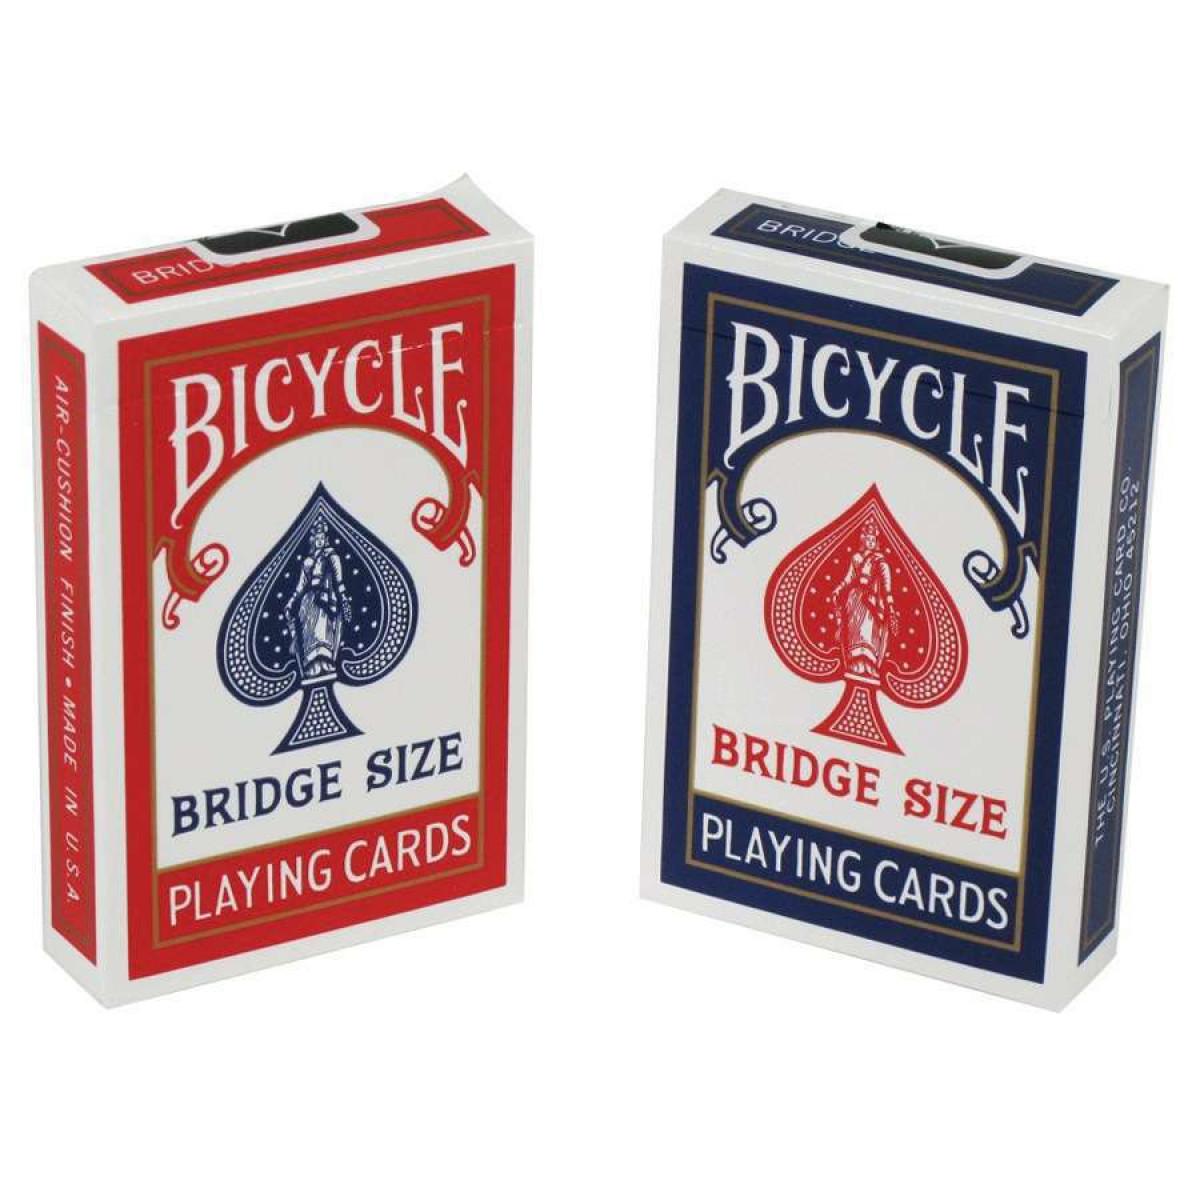 Bicycle Bridge Playing Cards 24 Decks